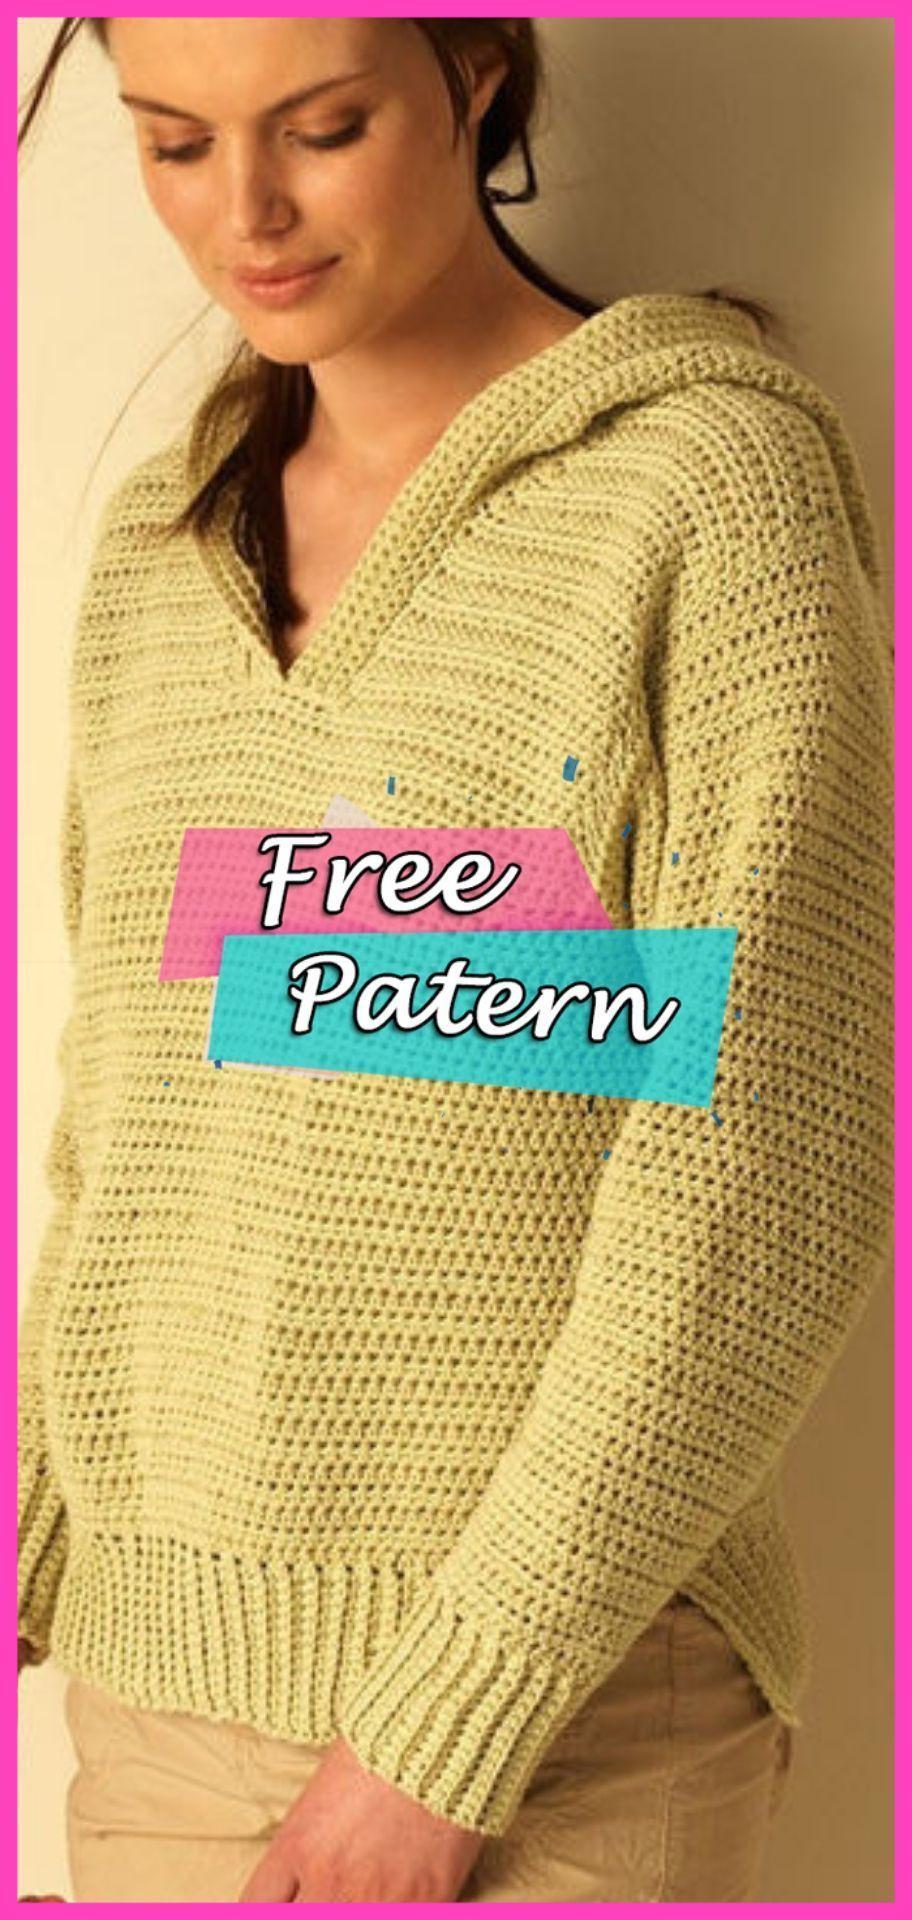 Free Easy Women's Sweater Crochet Pattern #crochet #crochetpatterns #freepattern #crocheting #crochetsweaterpatternwomen